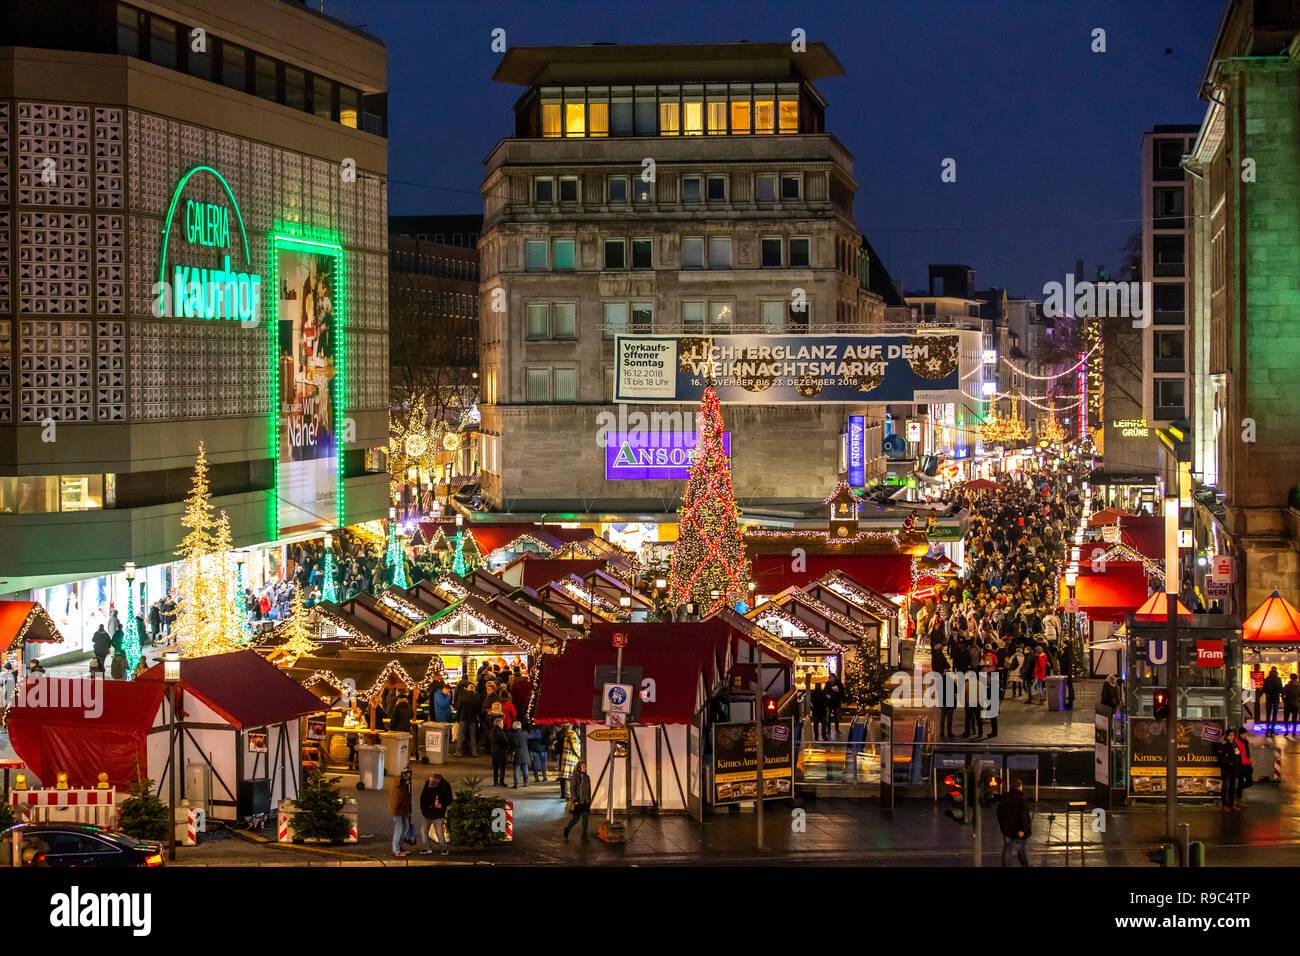 Essen Weihnachtsmarkt.Weihnachtsmarkt In Der Innenstadt Von Essen Willy Brandt